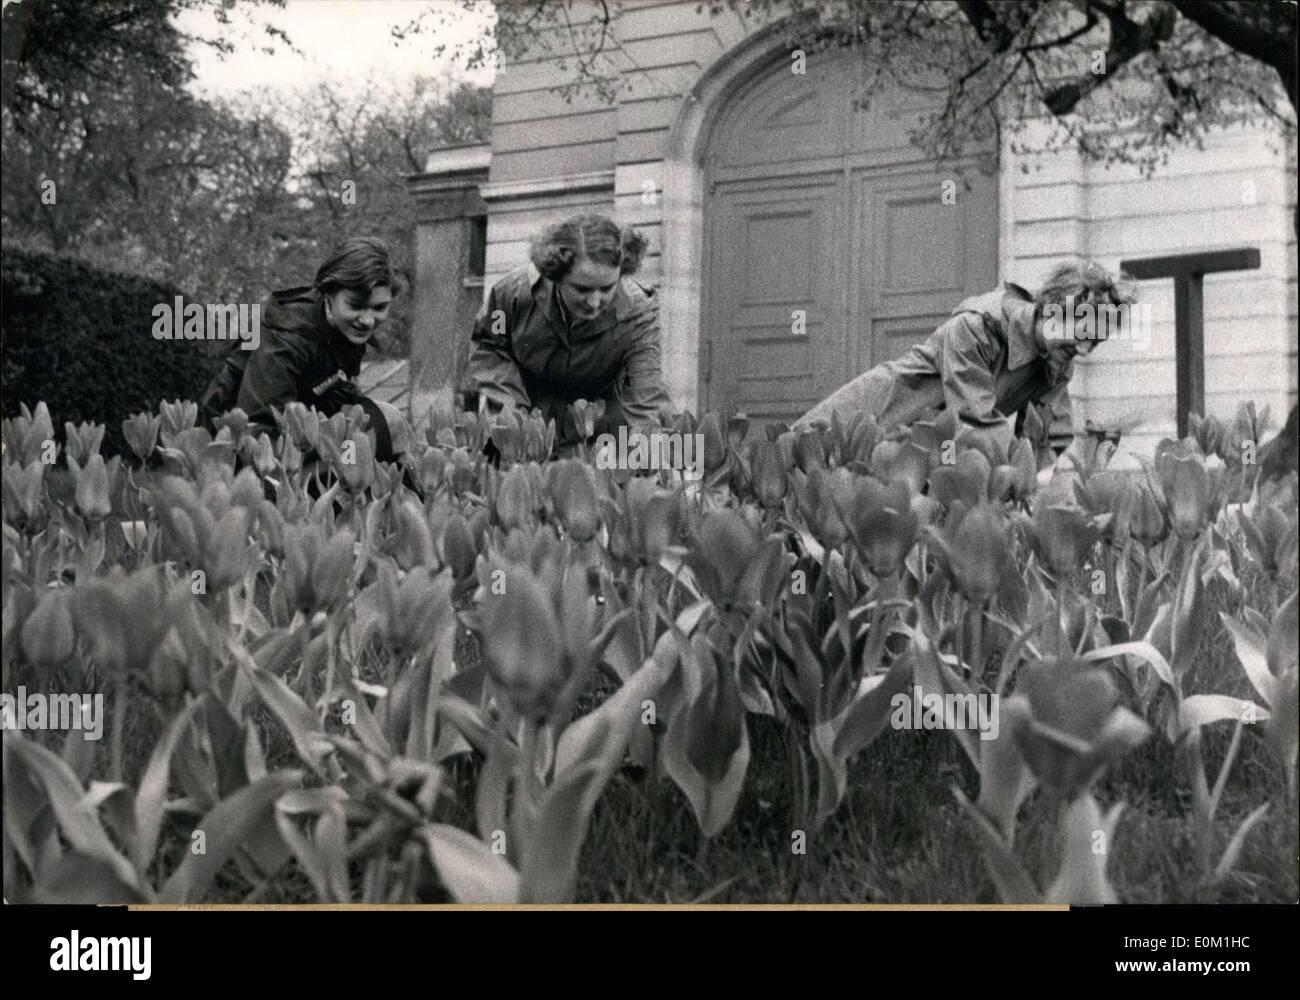 2 April 1953 Wurden Mehr Als 200000 Tulpen Und Narzissen